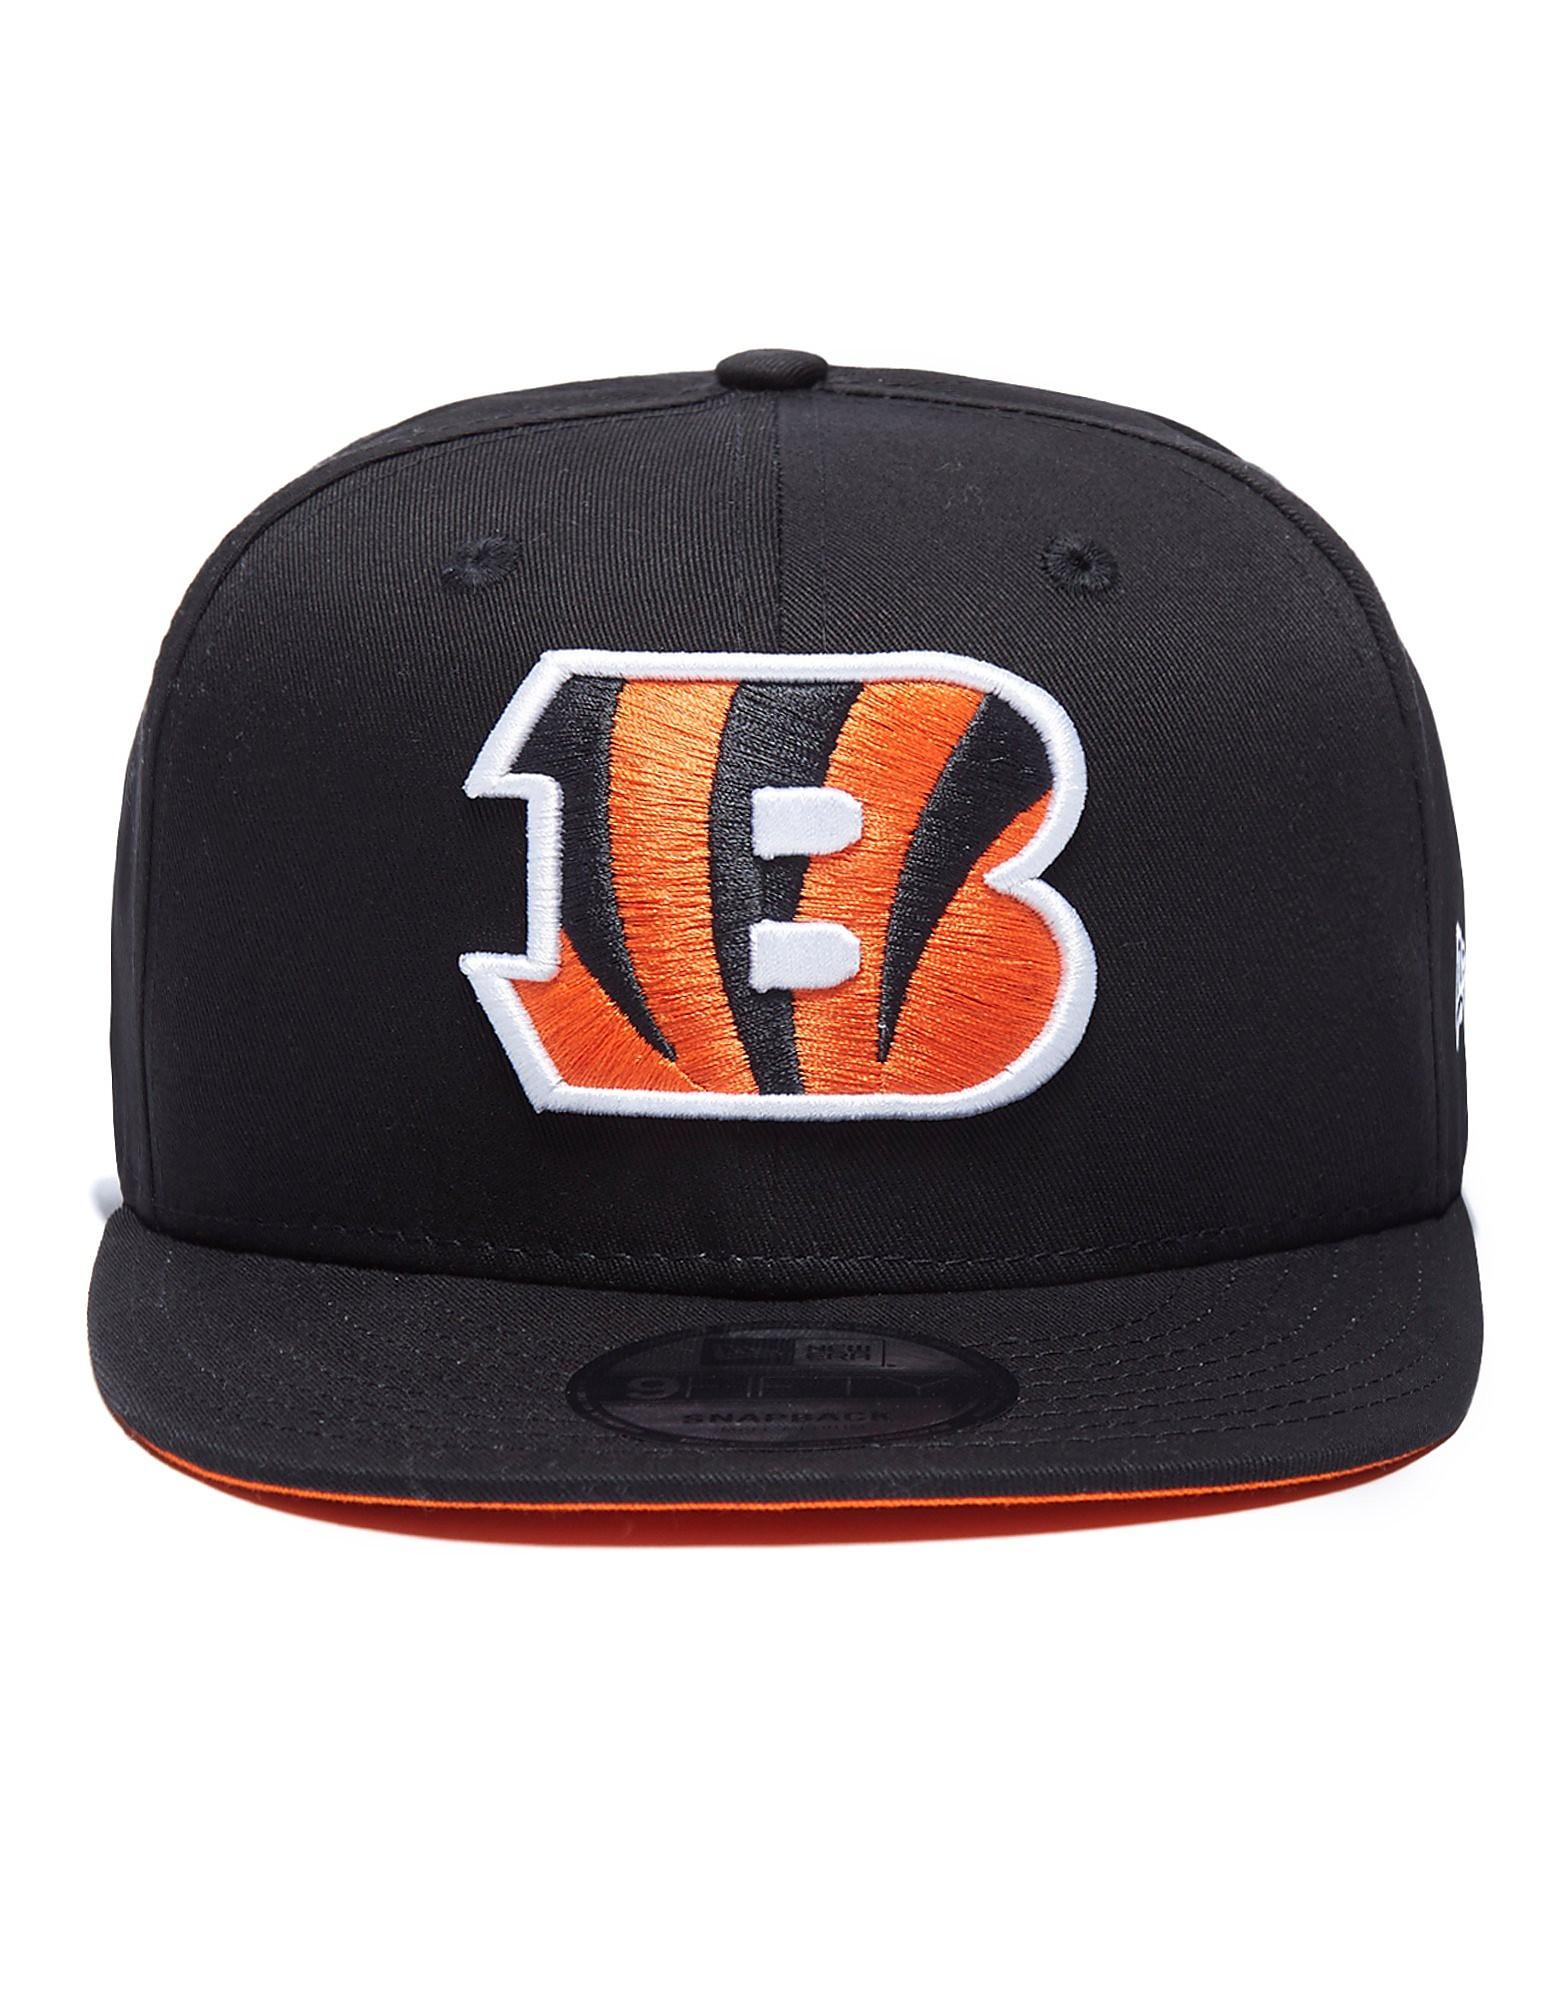 New Era NFL Cincinnati Bengals 9FIFTY Snapback Cap